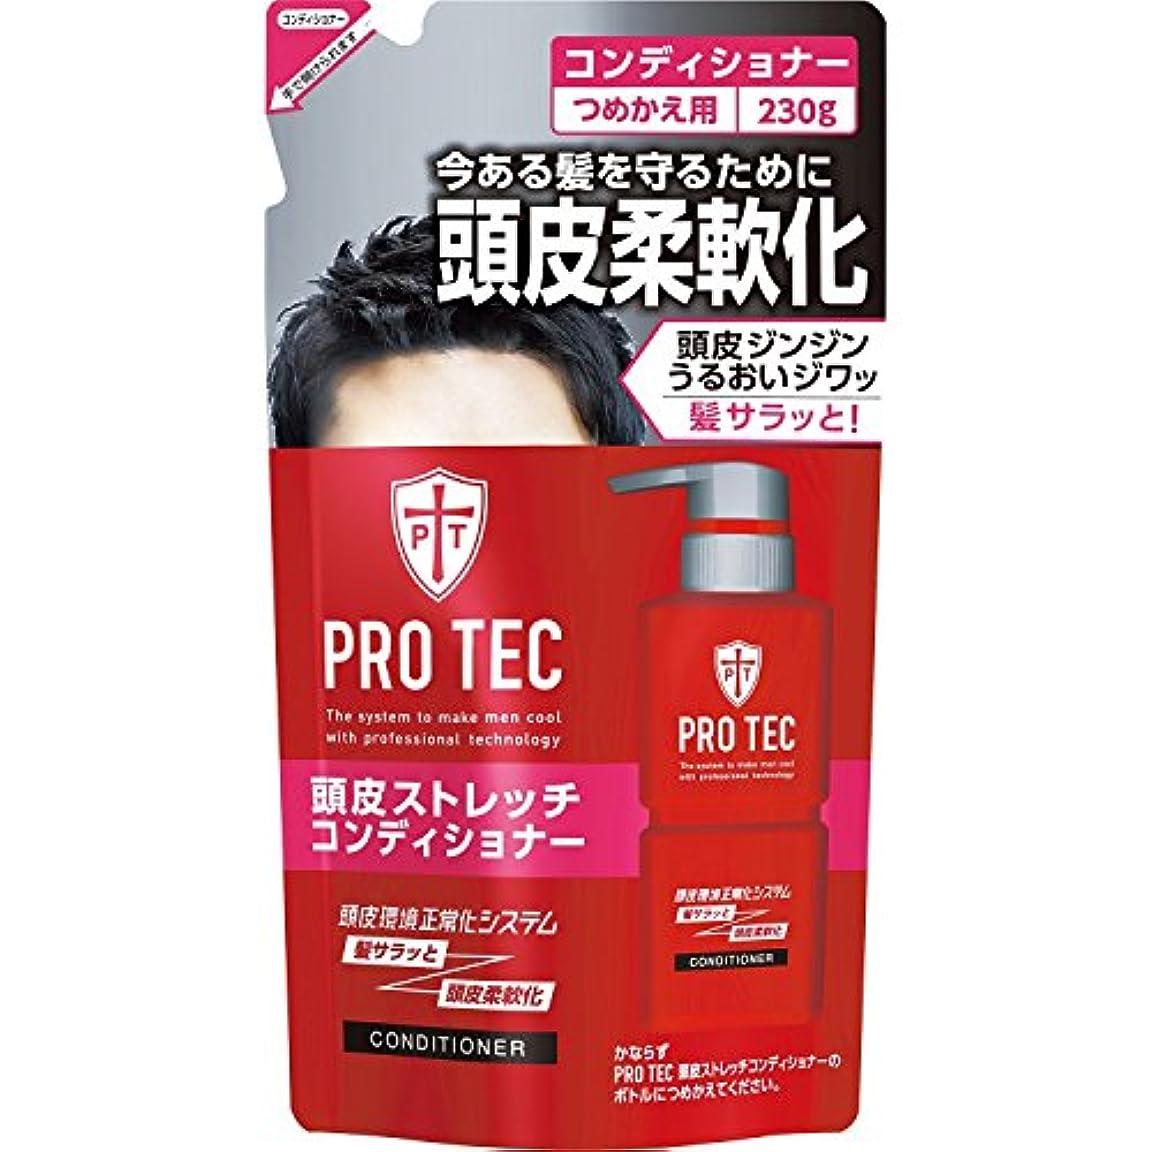 ノート違う会社PRO TEC(プロテク) 頭皮ストレッチ コンディショナー 詰め替え 230g